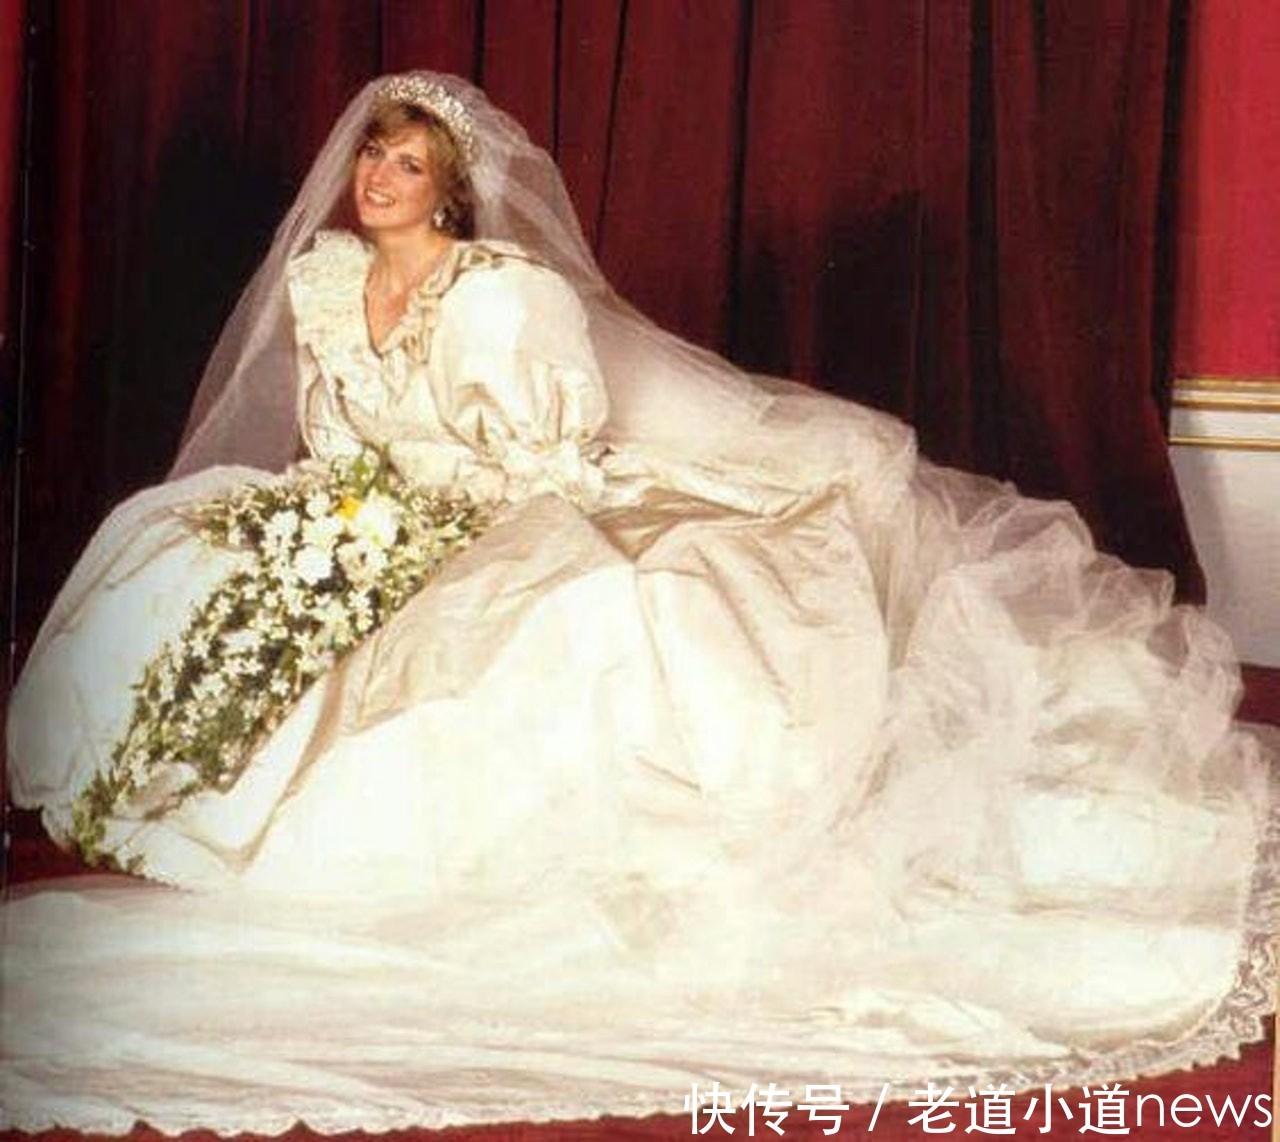 戴安娜王妃美丽而高贵的形象极之深入民心.(pinterest)